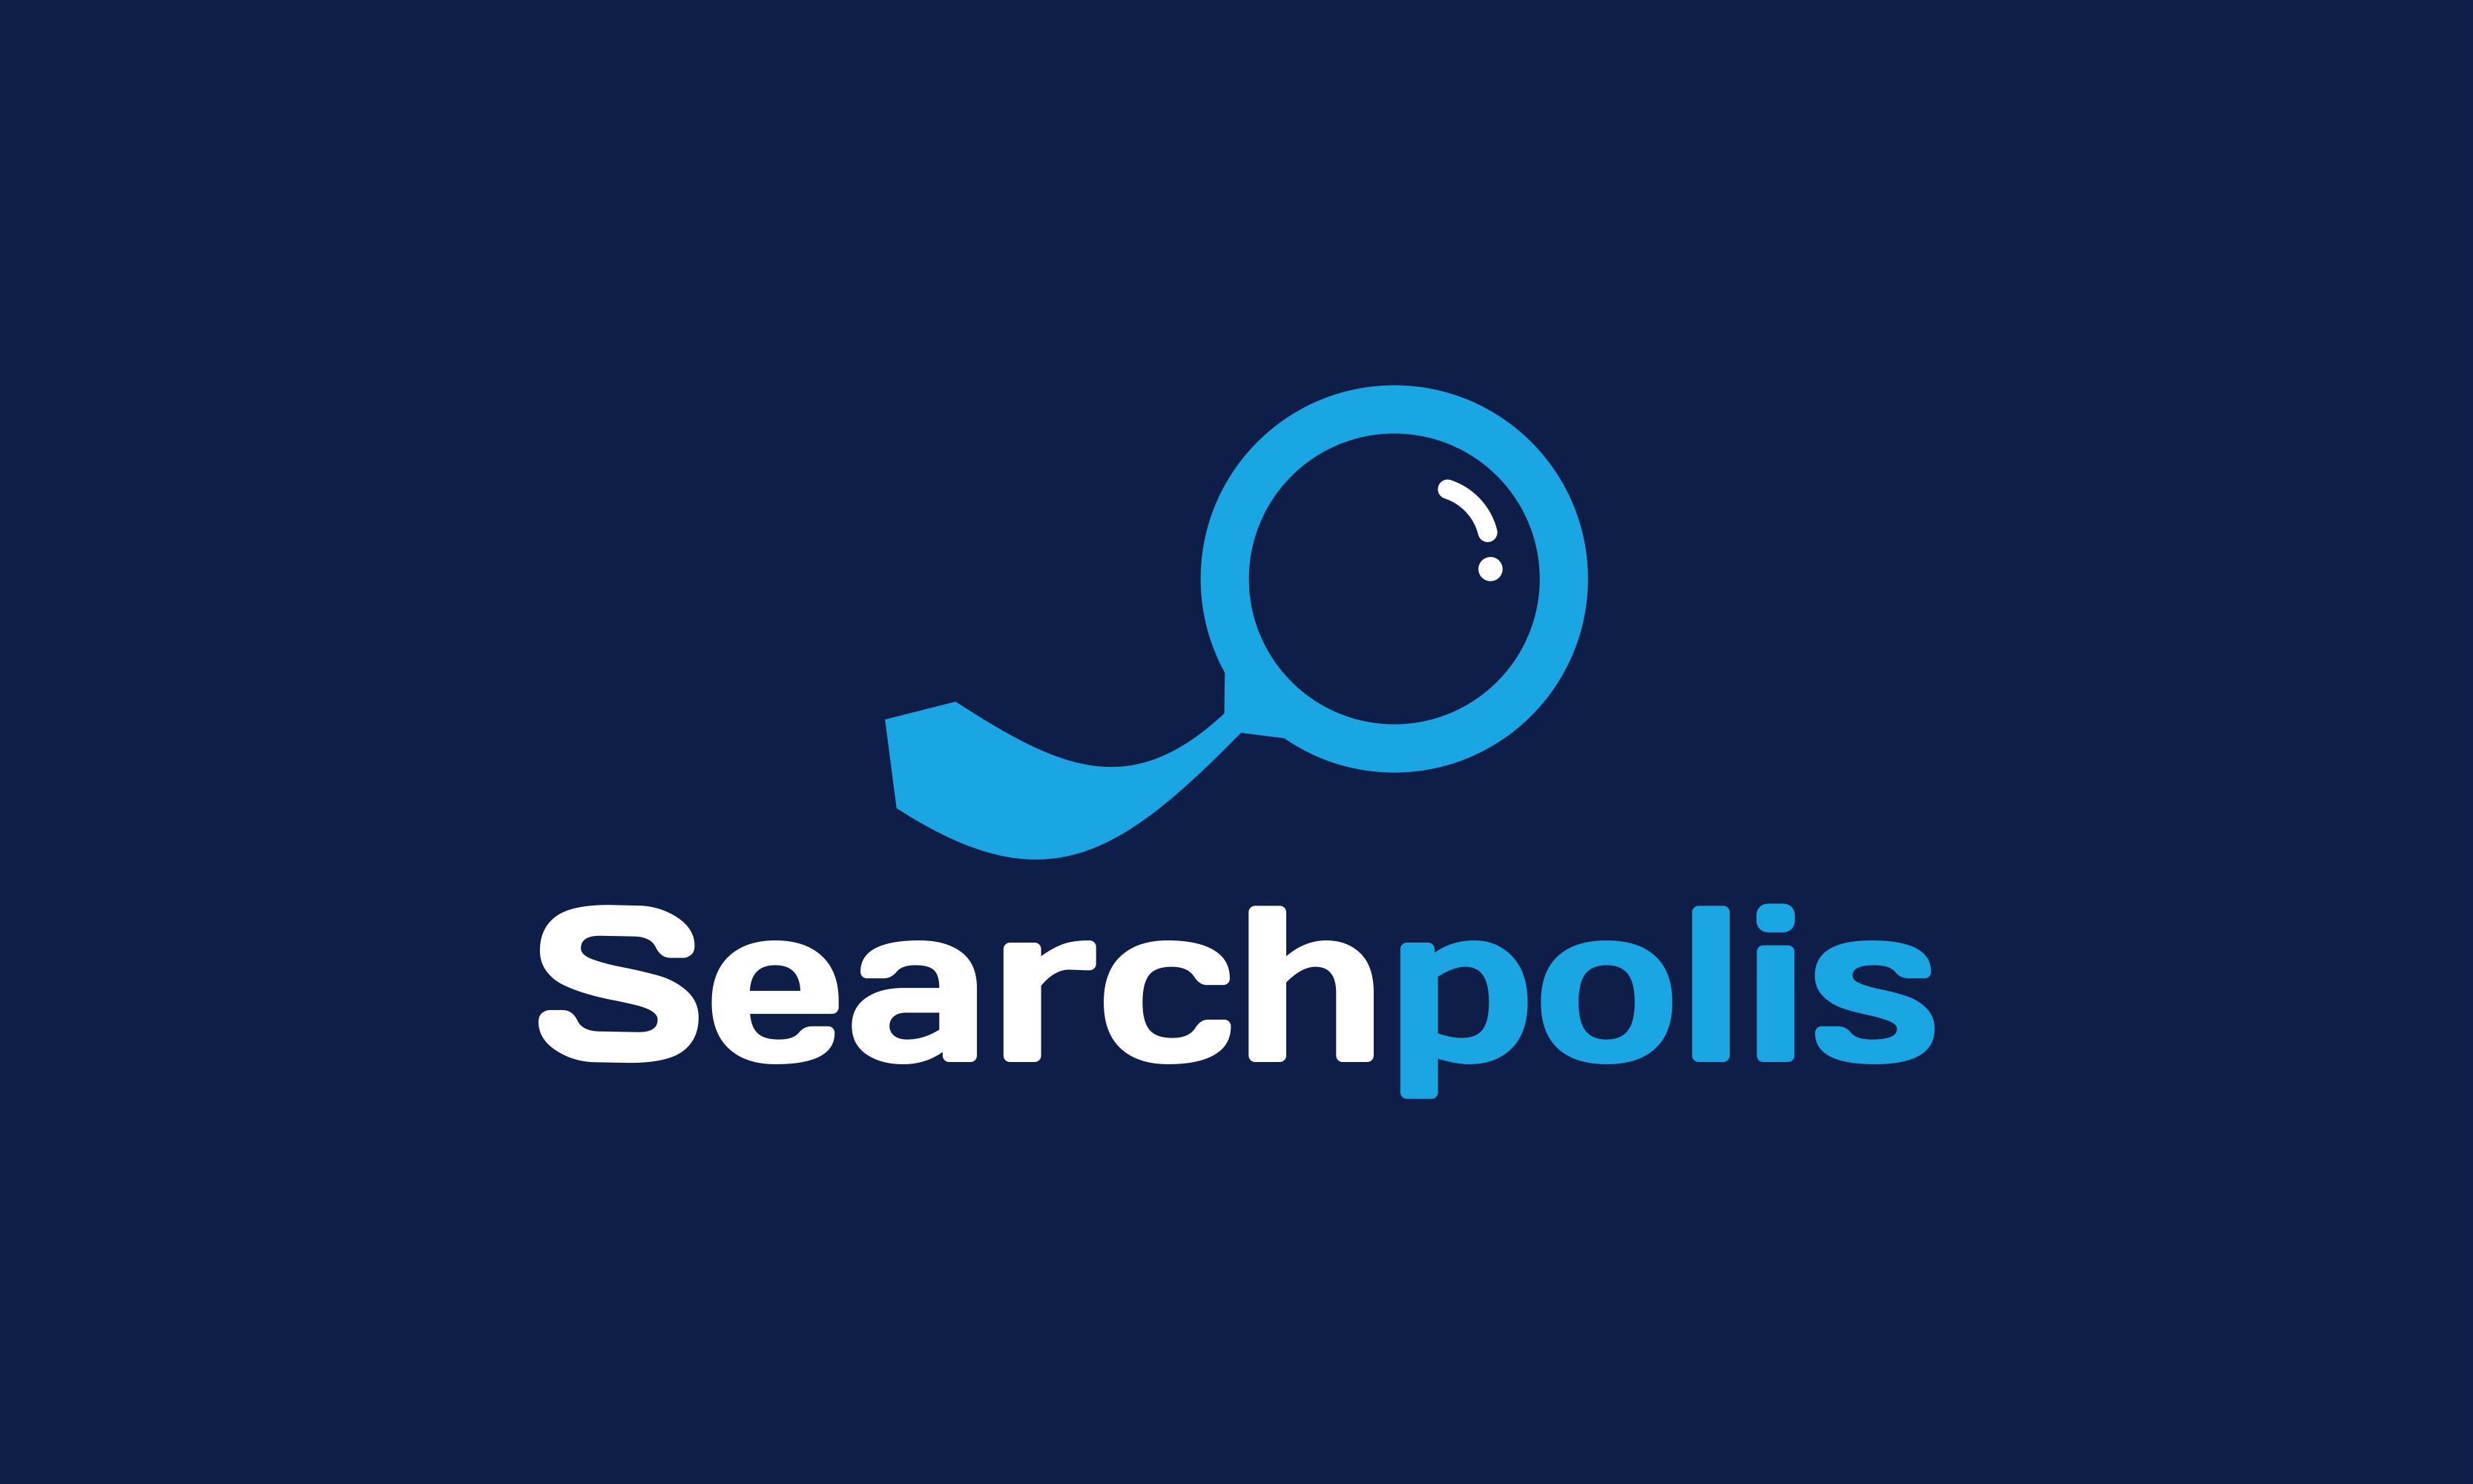 Searchpolis